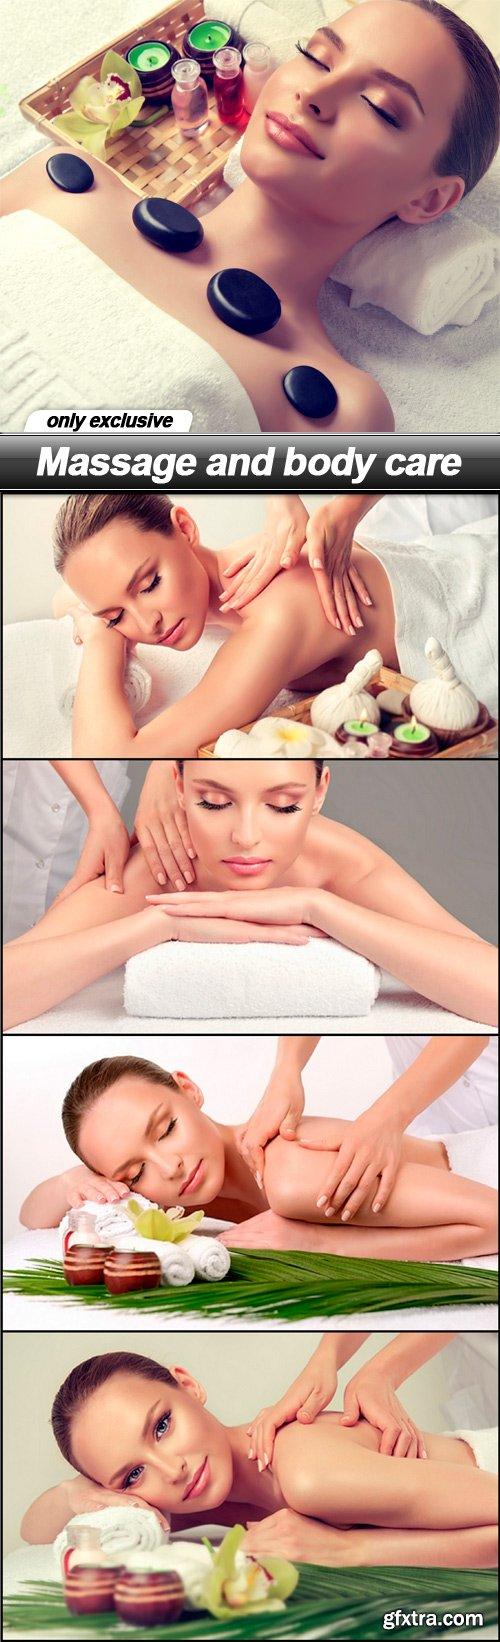 Massage and body care - 5 UHQ JPEG